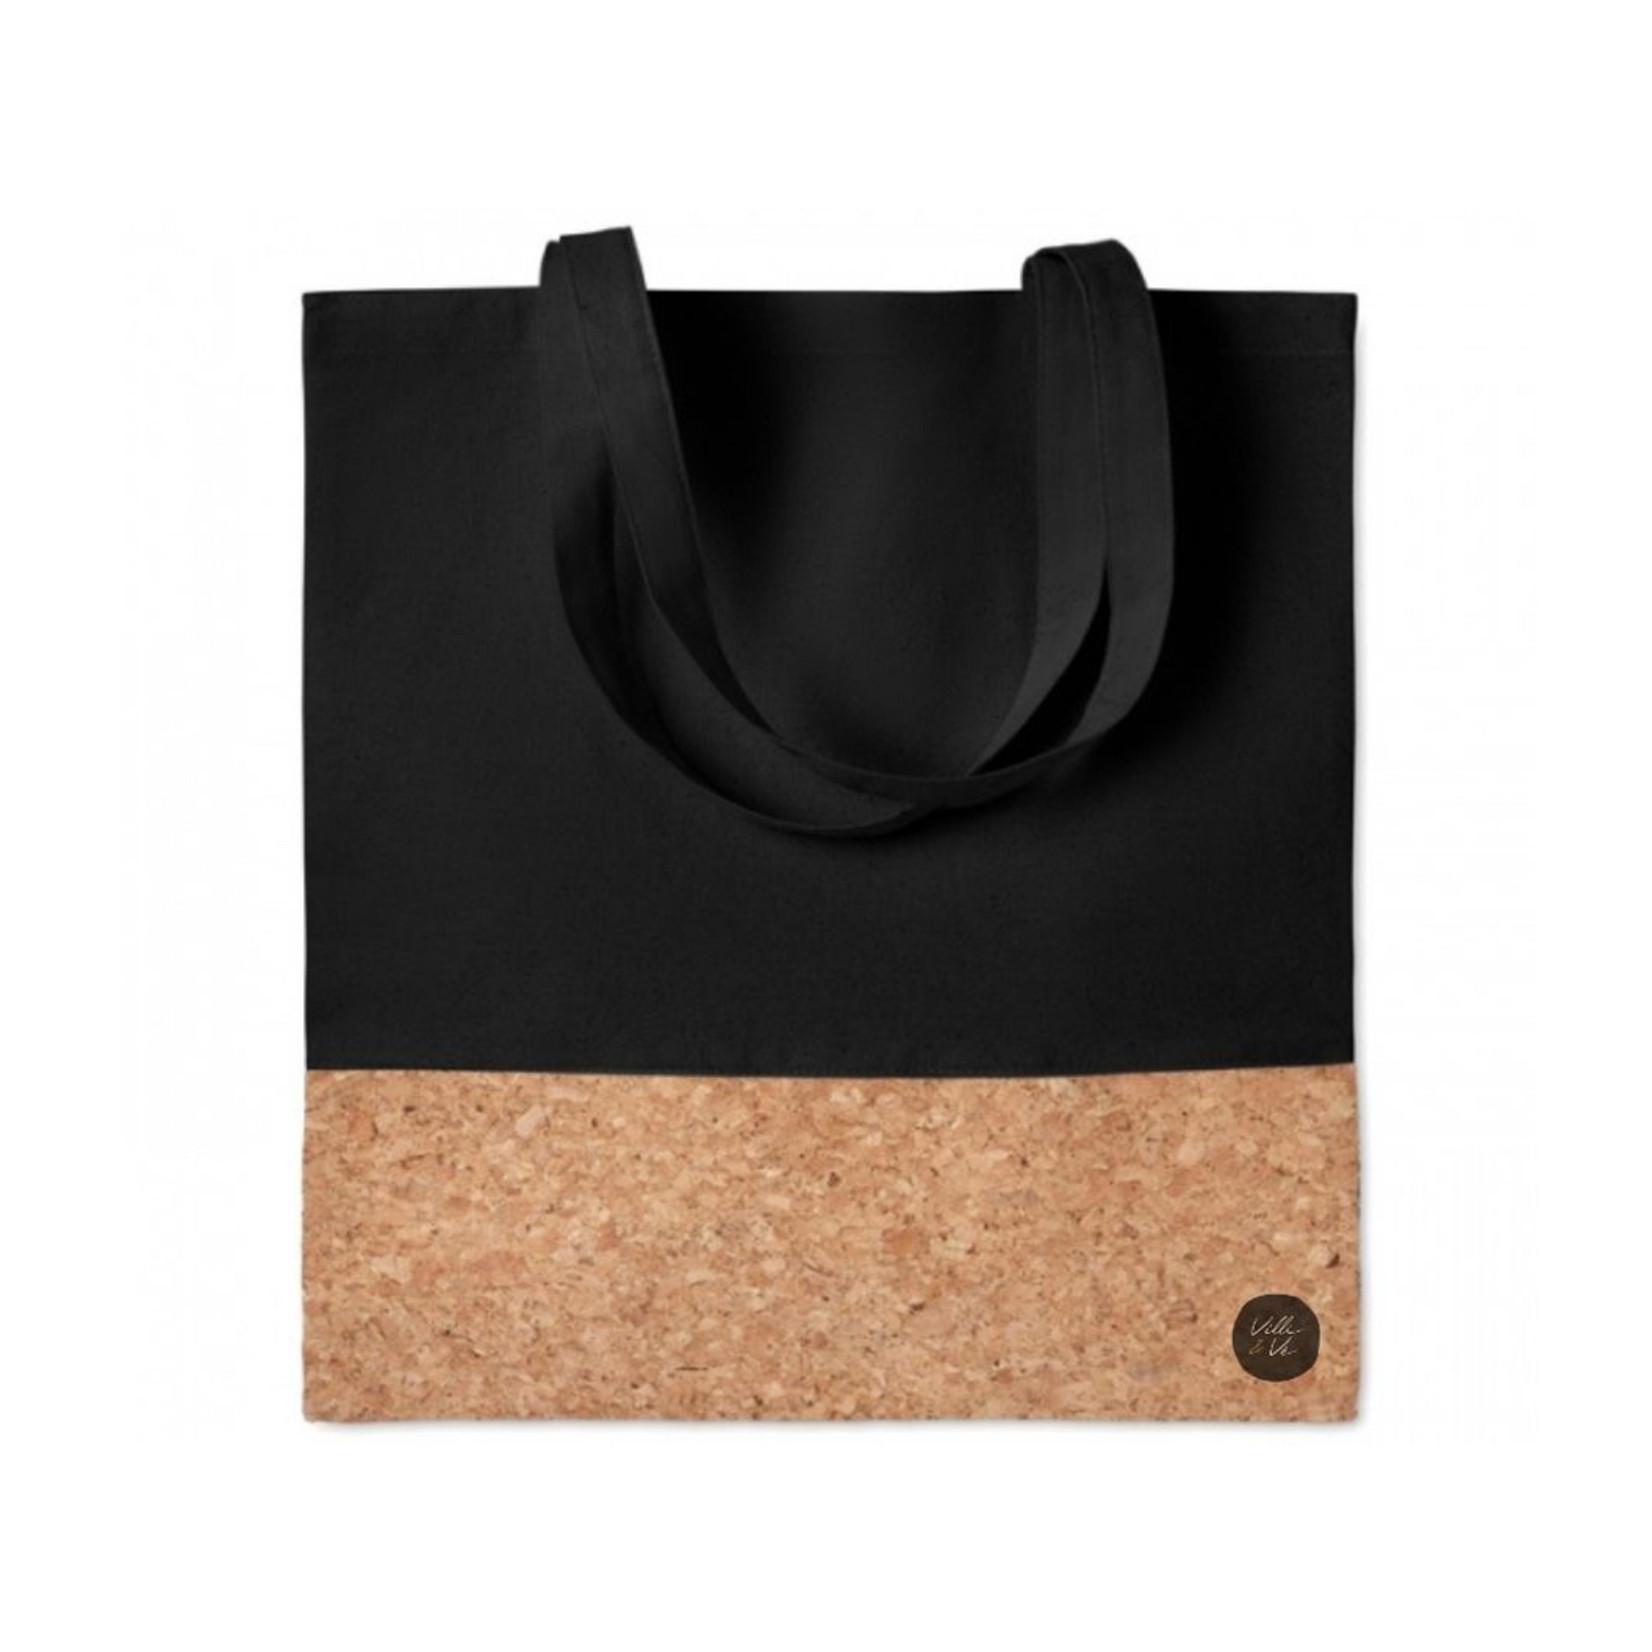 Steel jij de show op reis met deze tote bag?